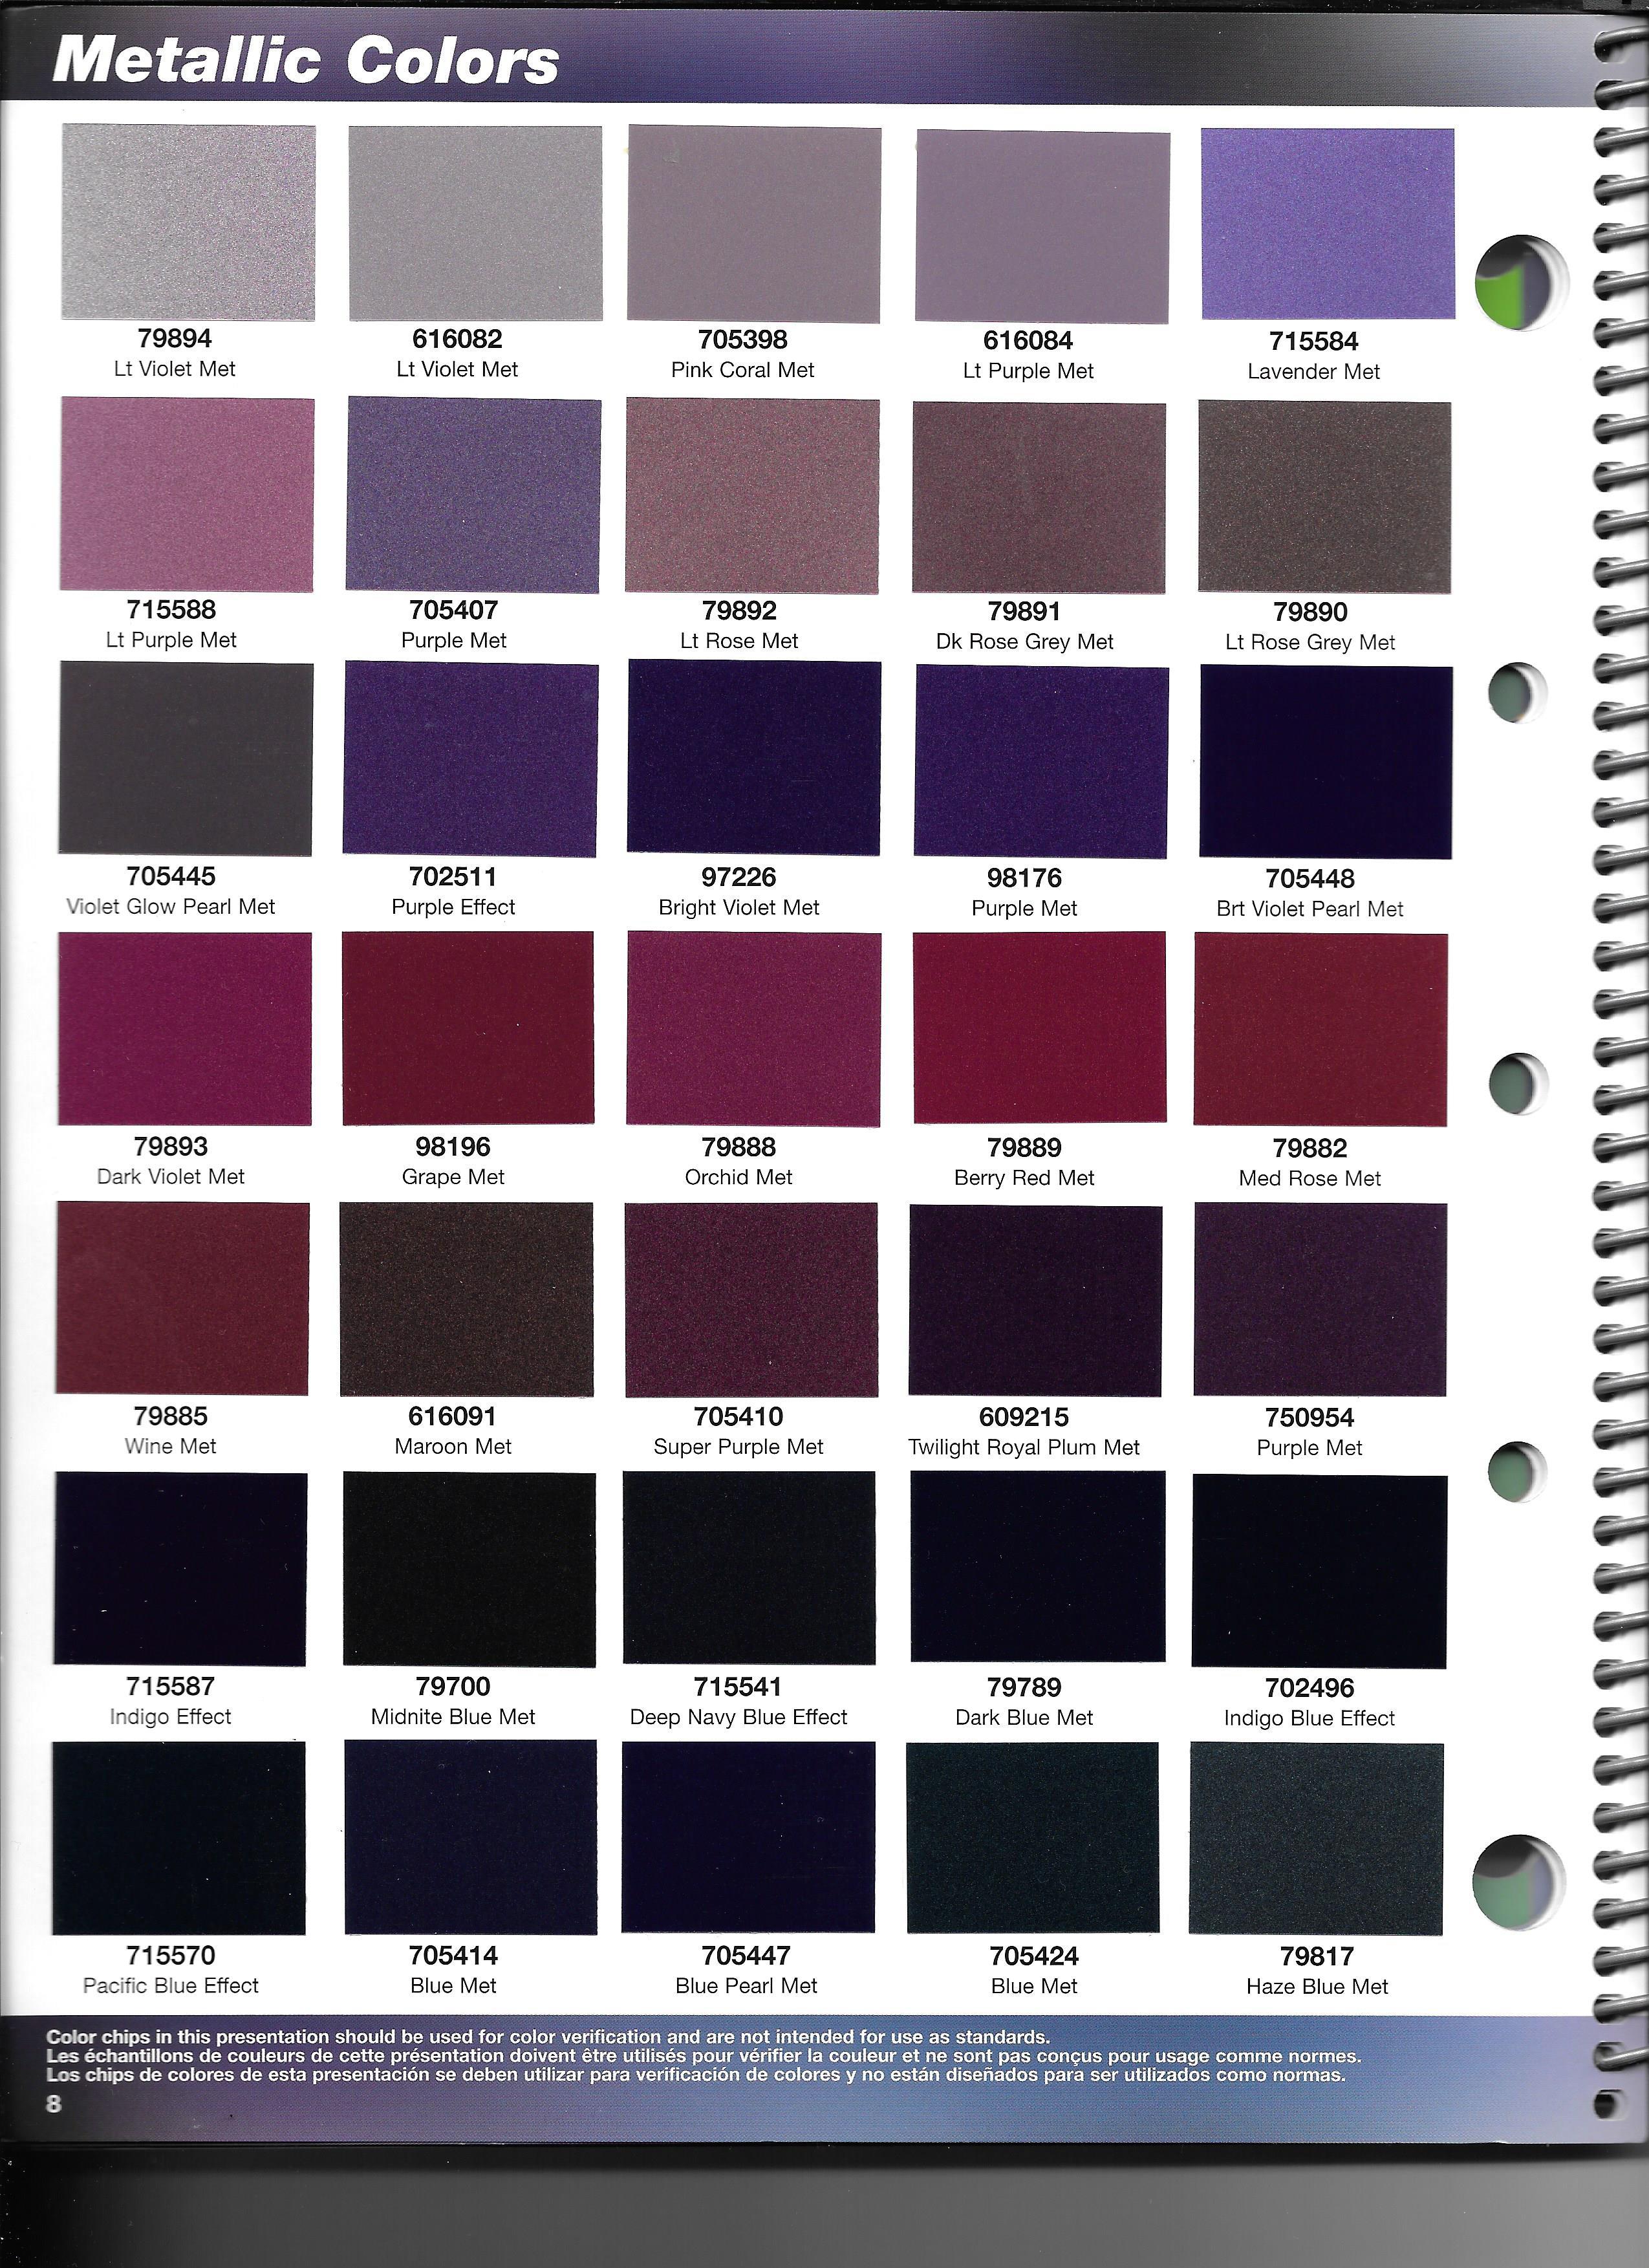 Basf Paint Color Chart Related Keywords - Basf Paint Color ...